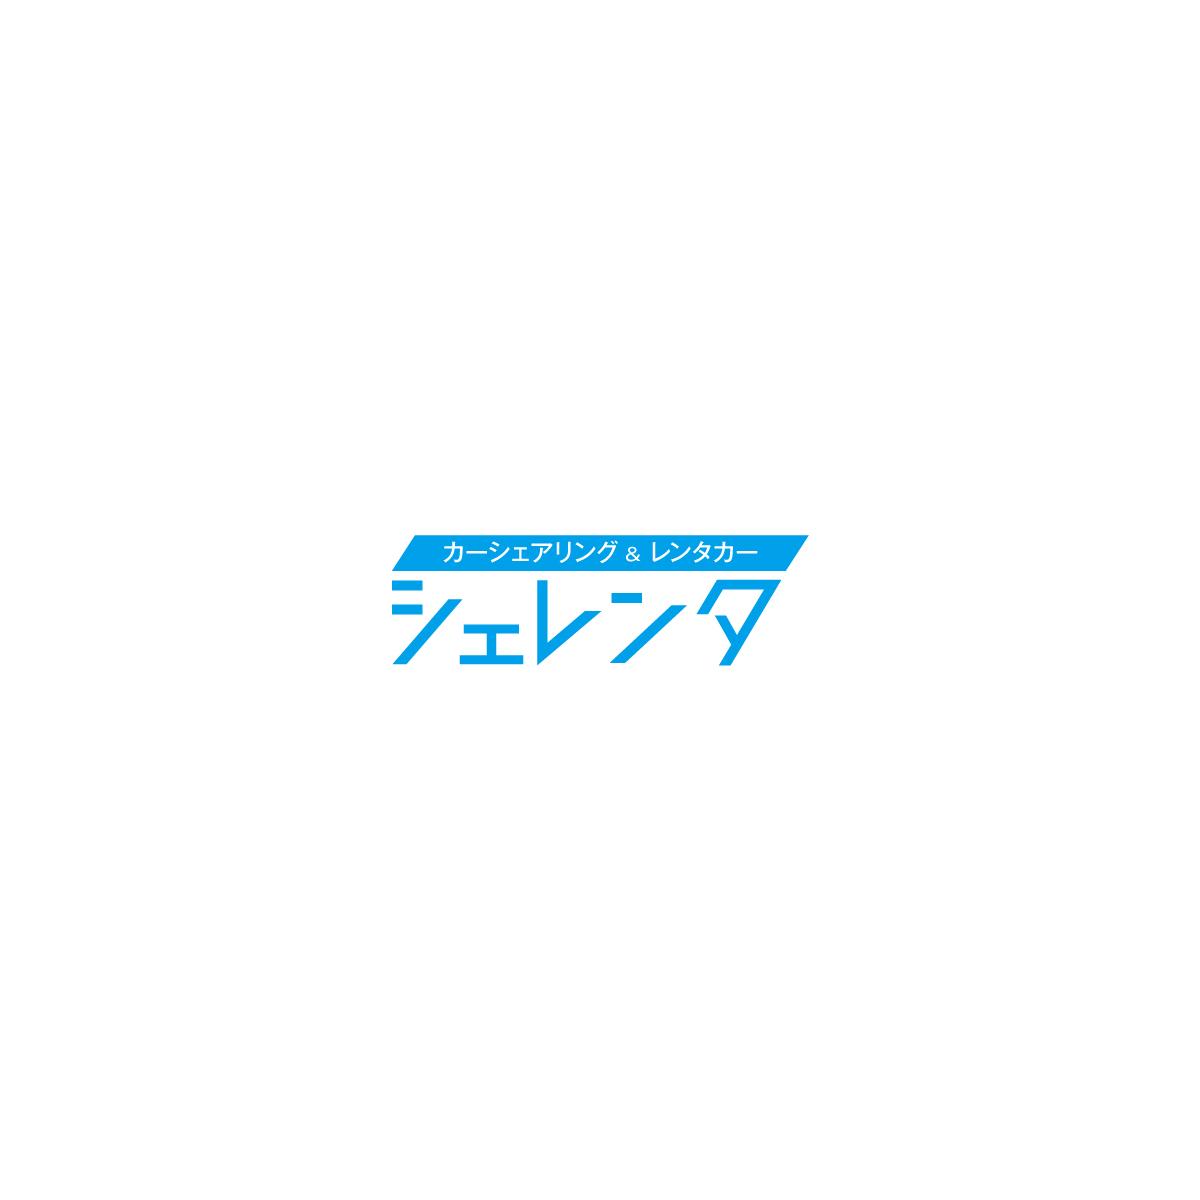 レンタカー会社のワードロゴ作成【シェレンタ】